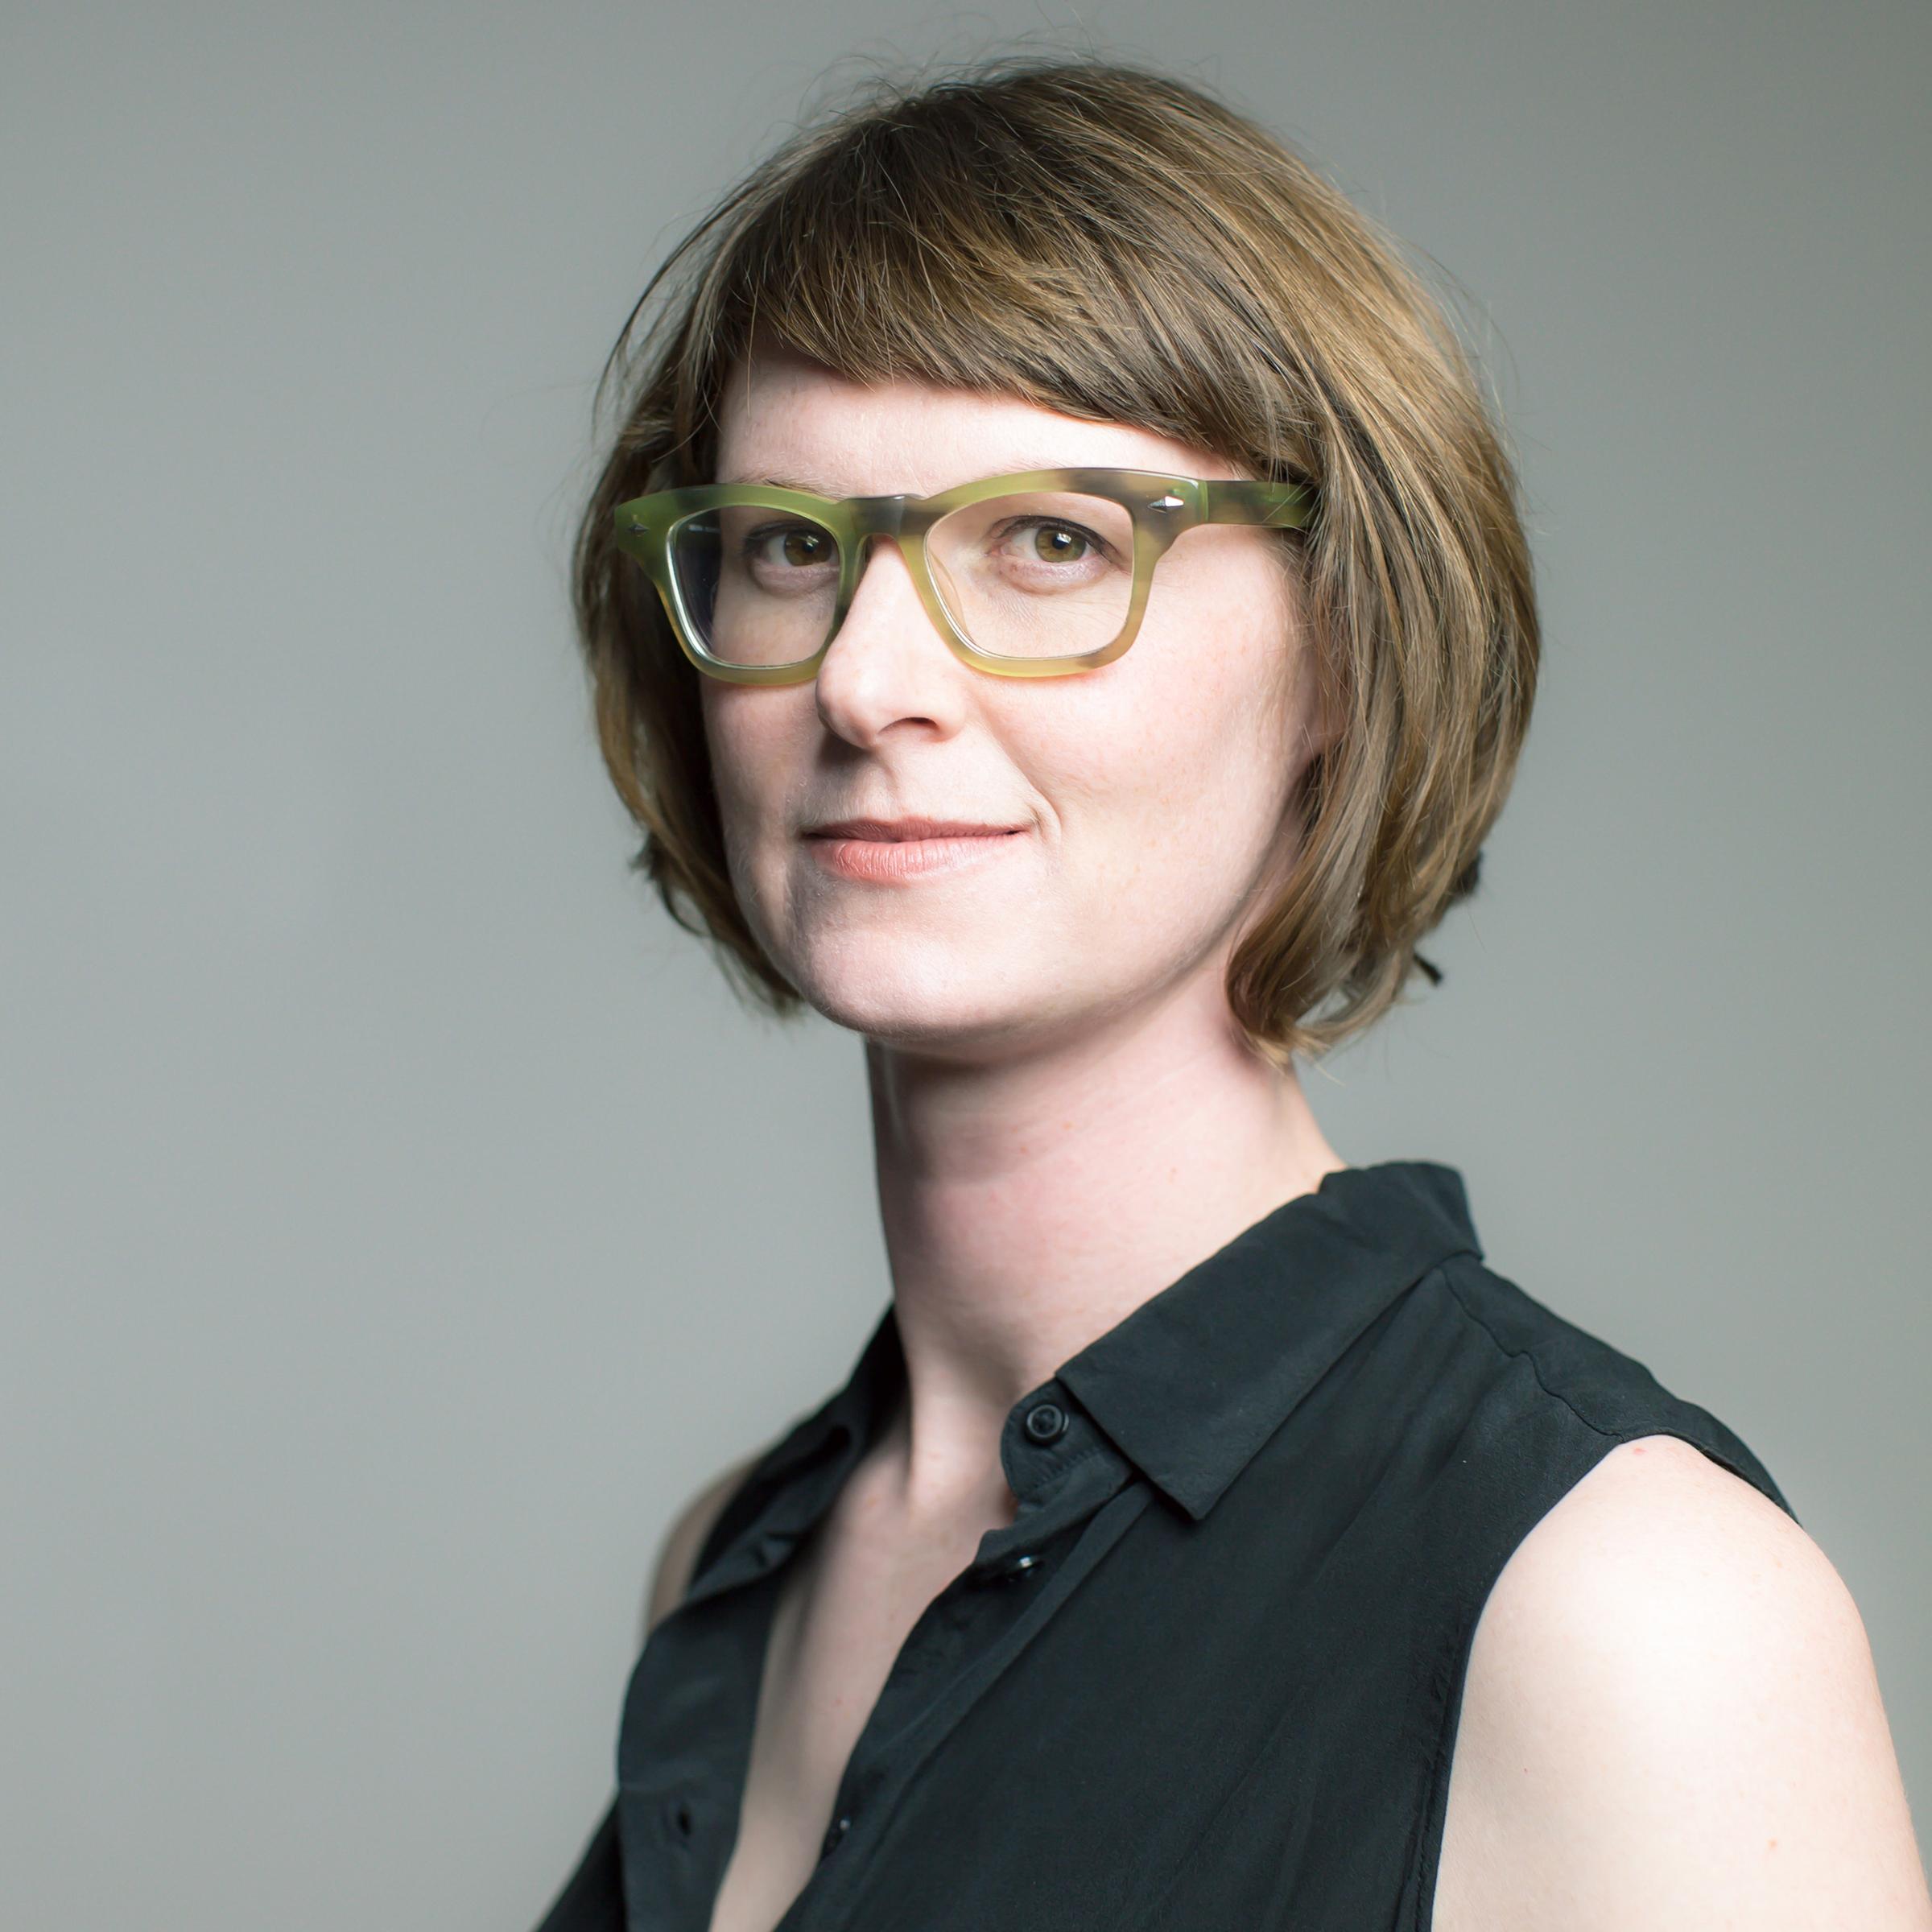 Sarah Hotchkiss